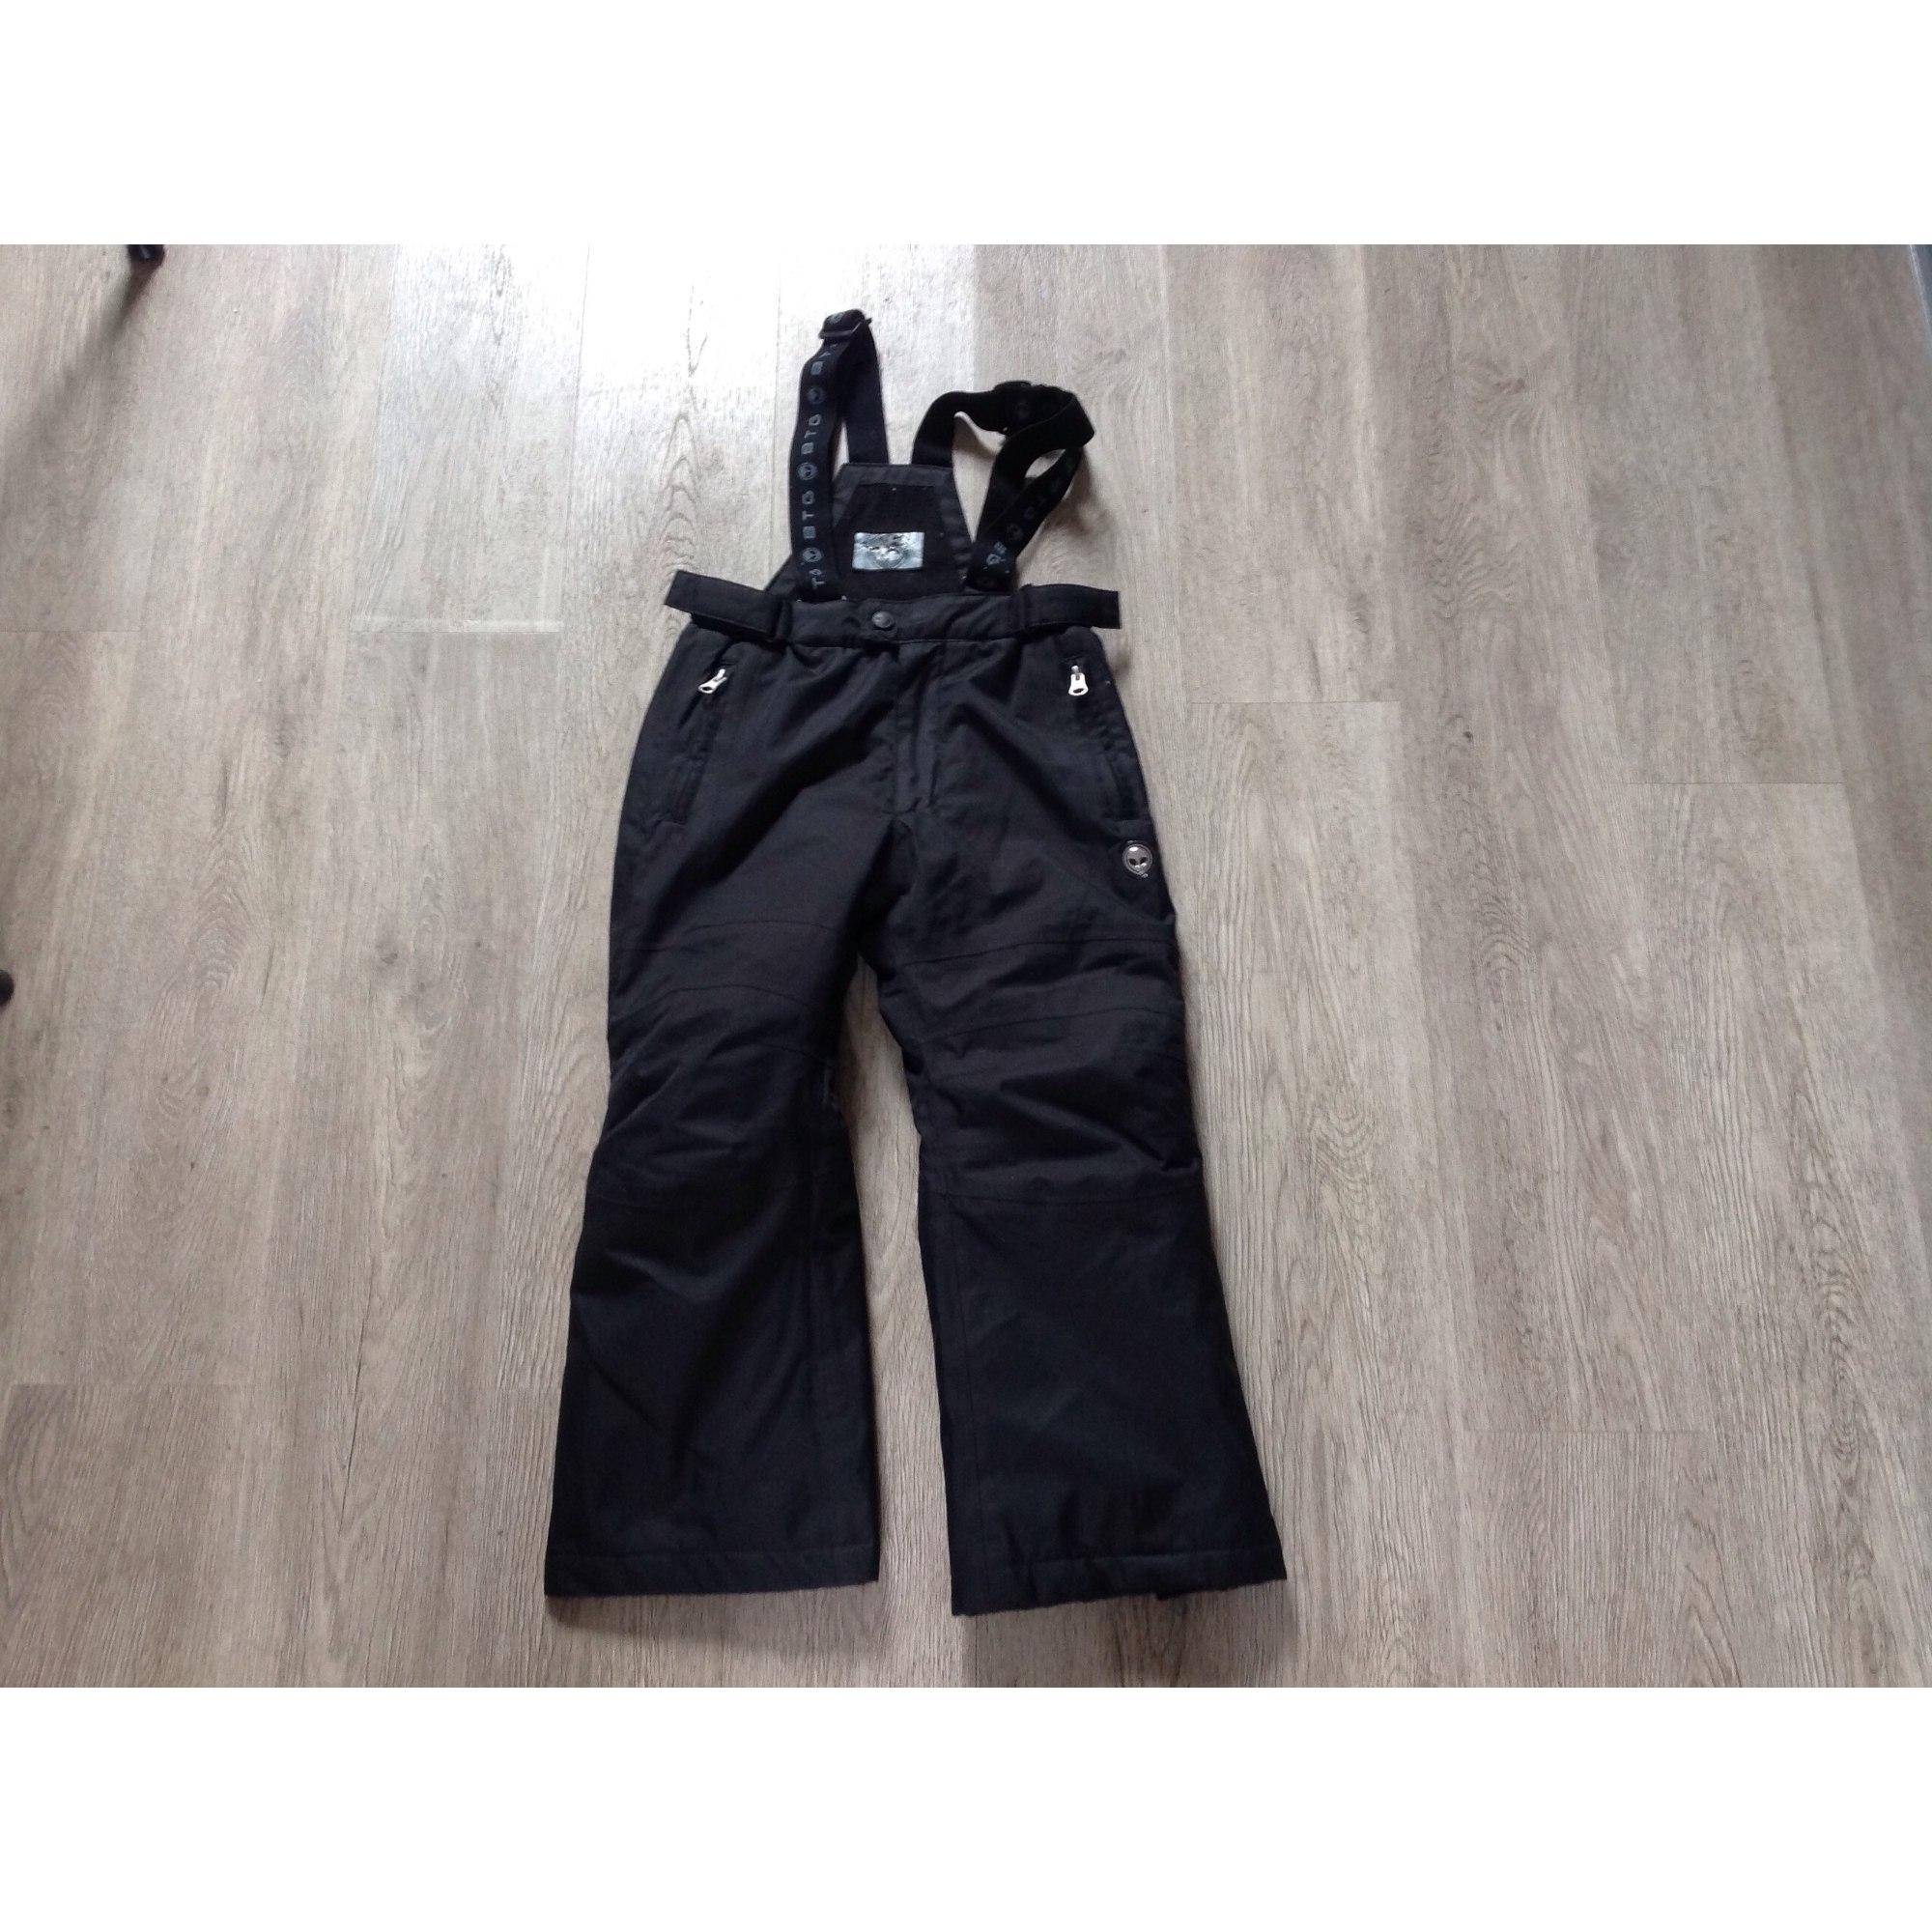 Pantalon de ski BTG Noir